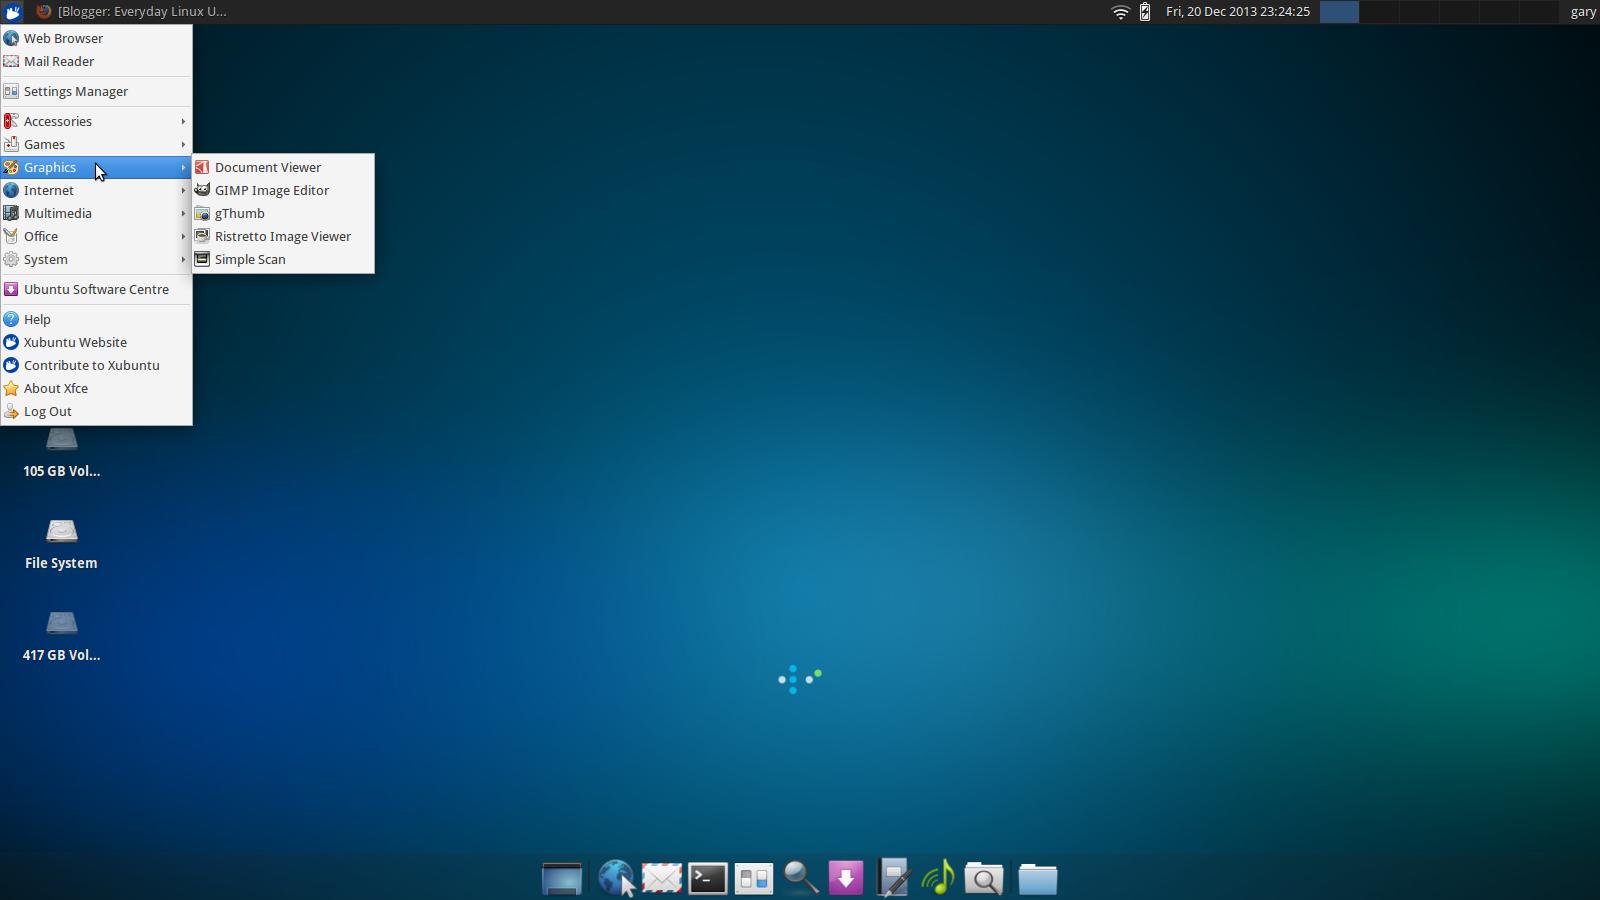 Forum Ubuntu-it • [Risolto]Abilitare vecchia dock xfce